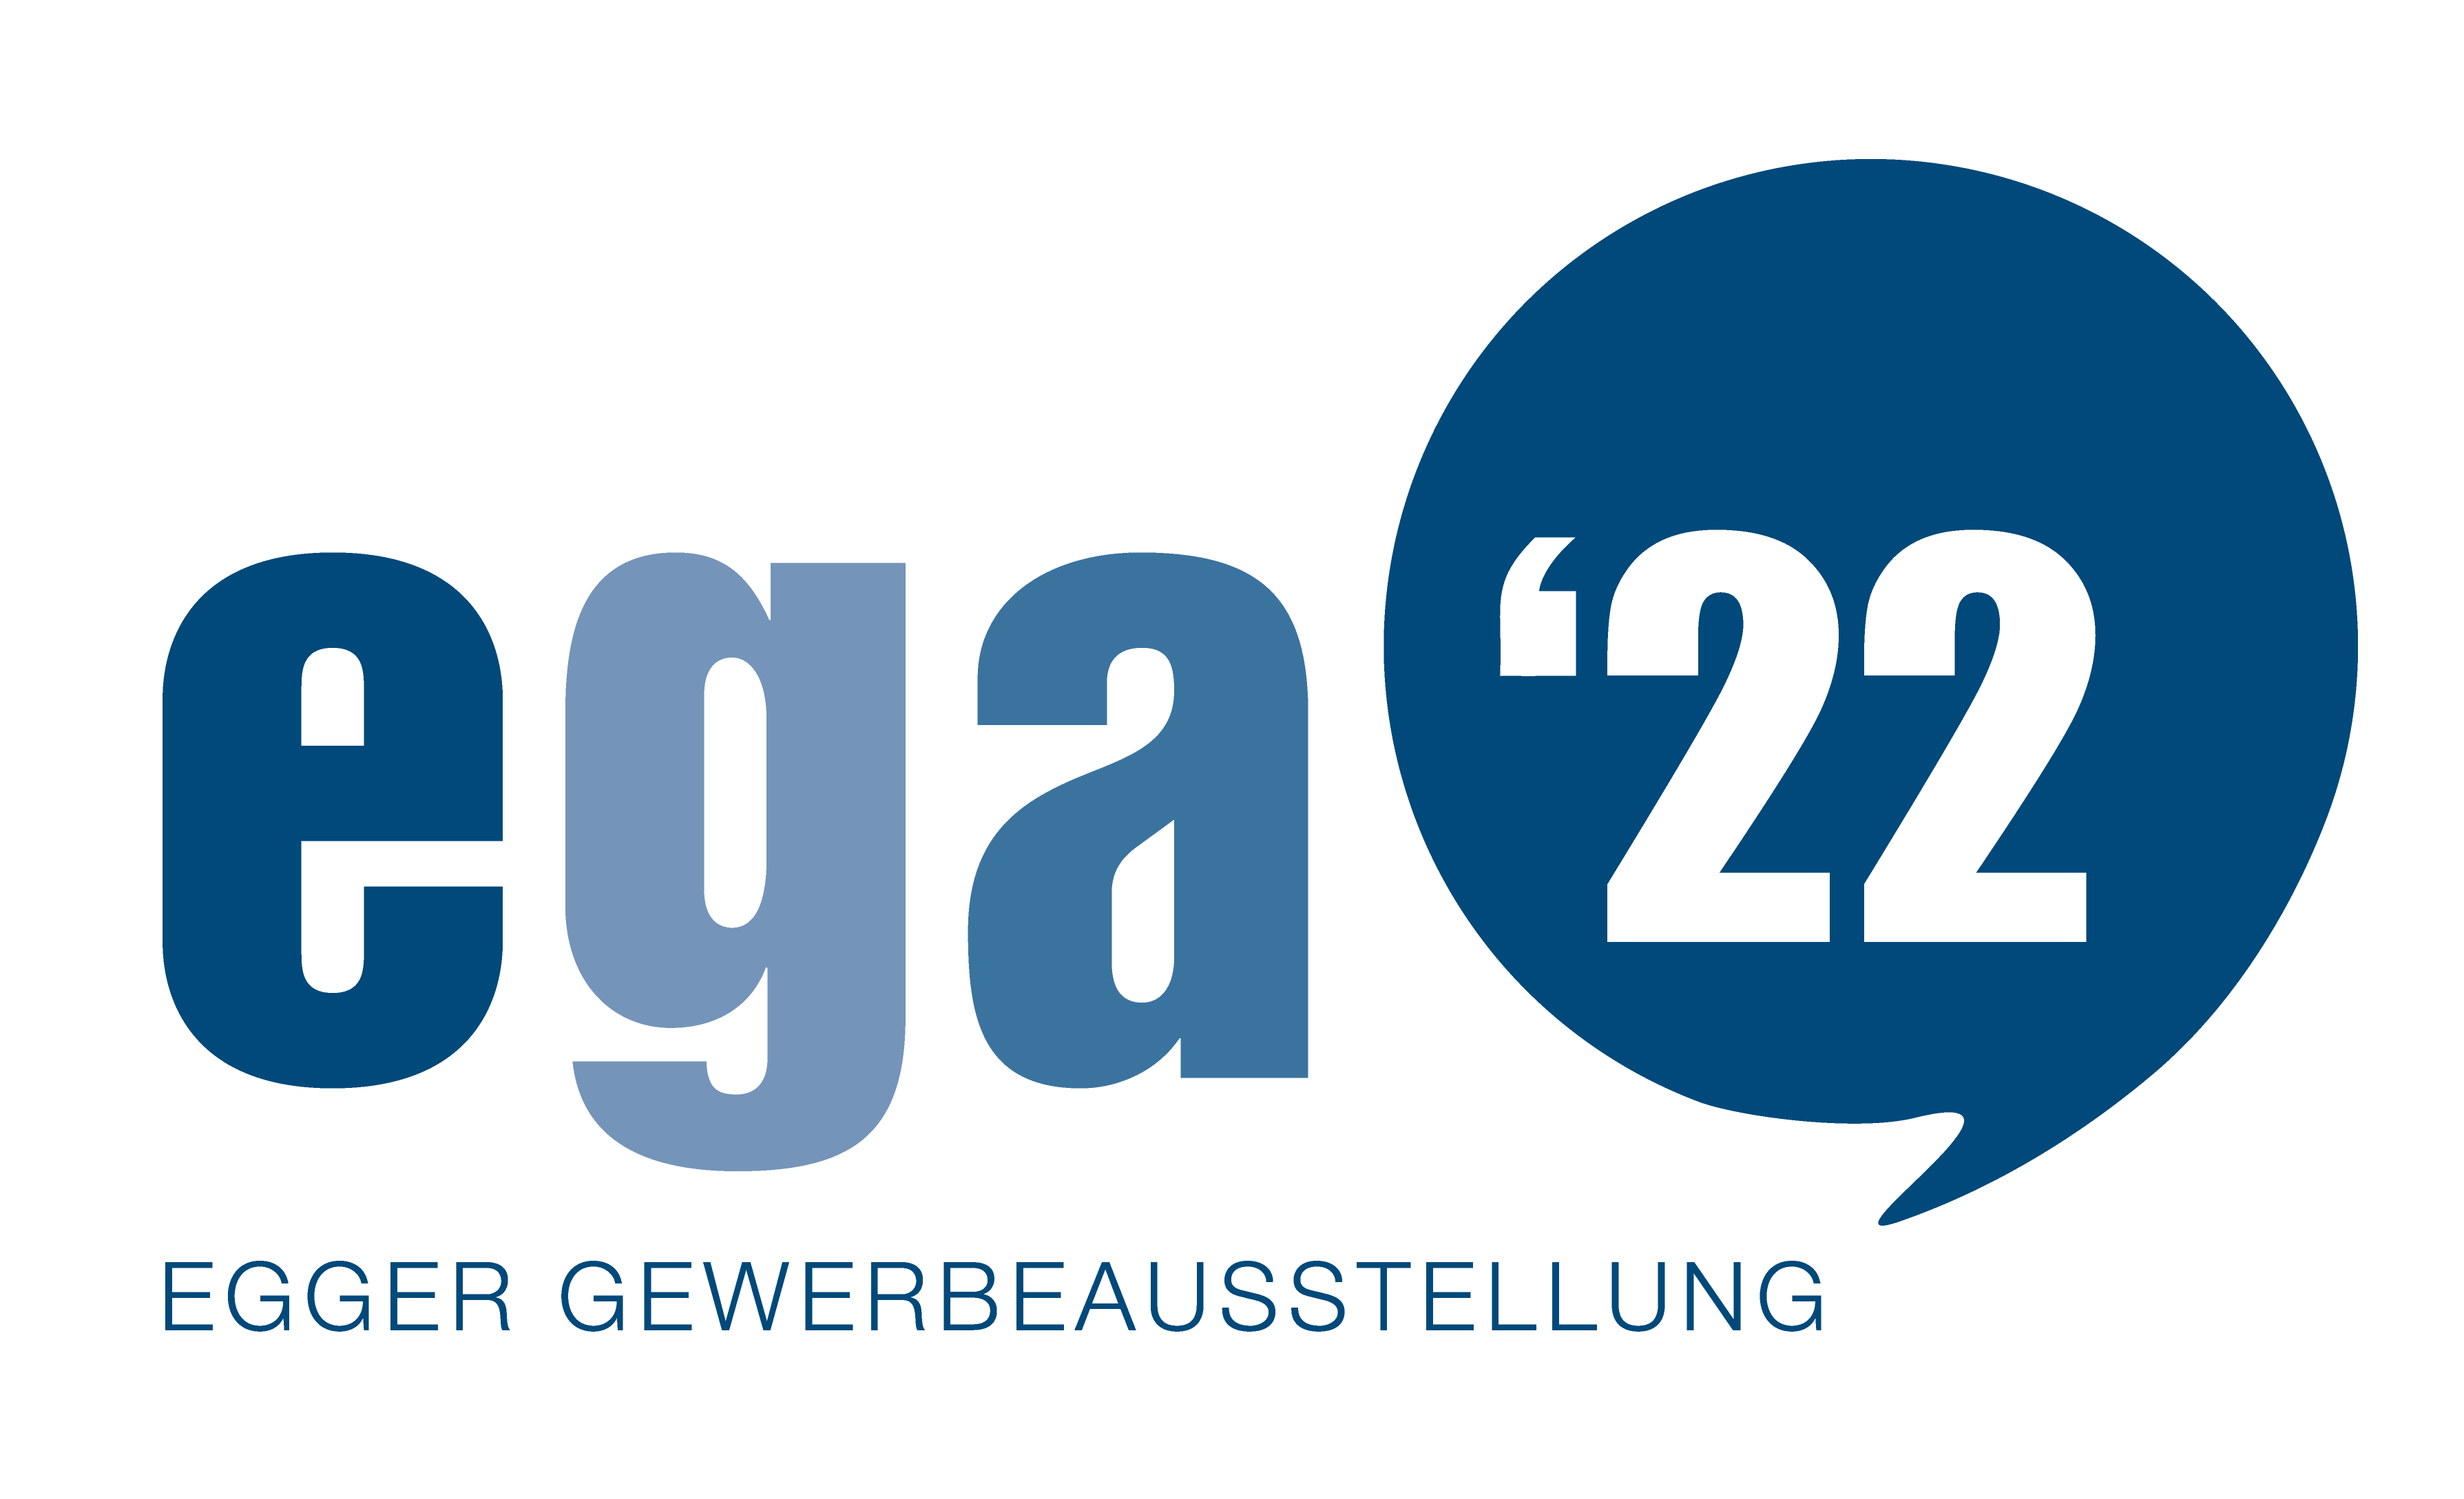 EGA Egg